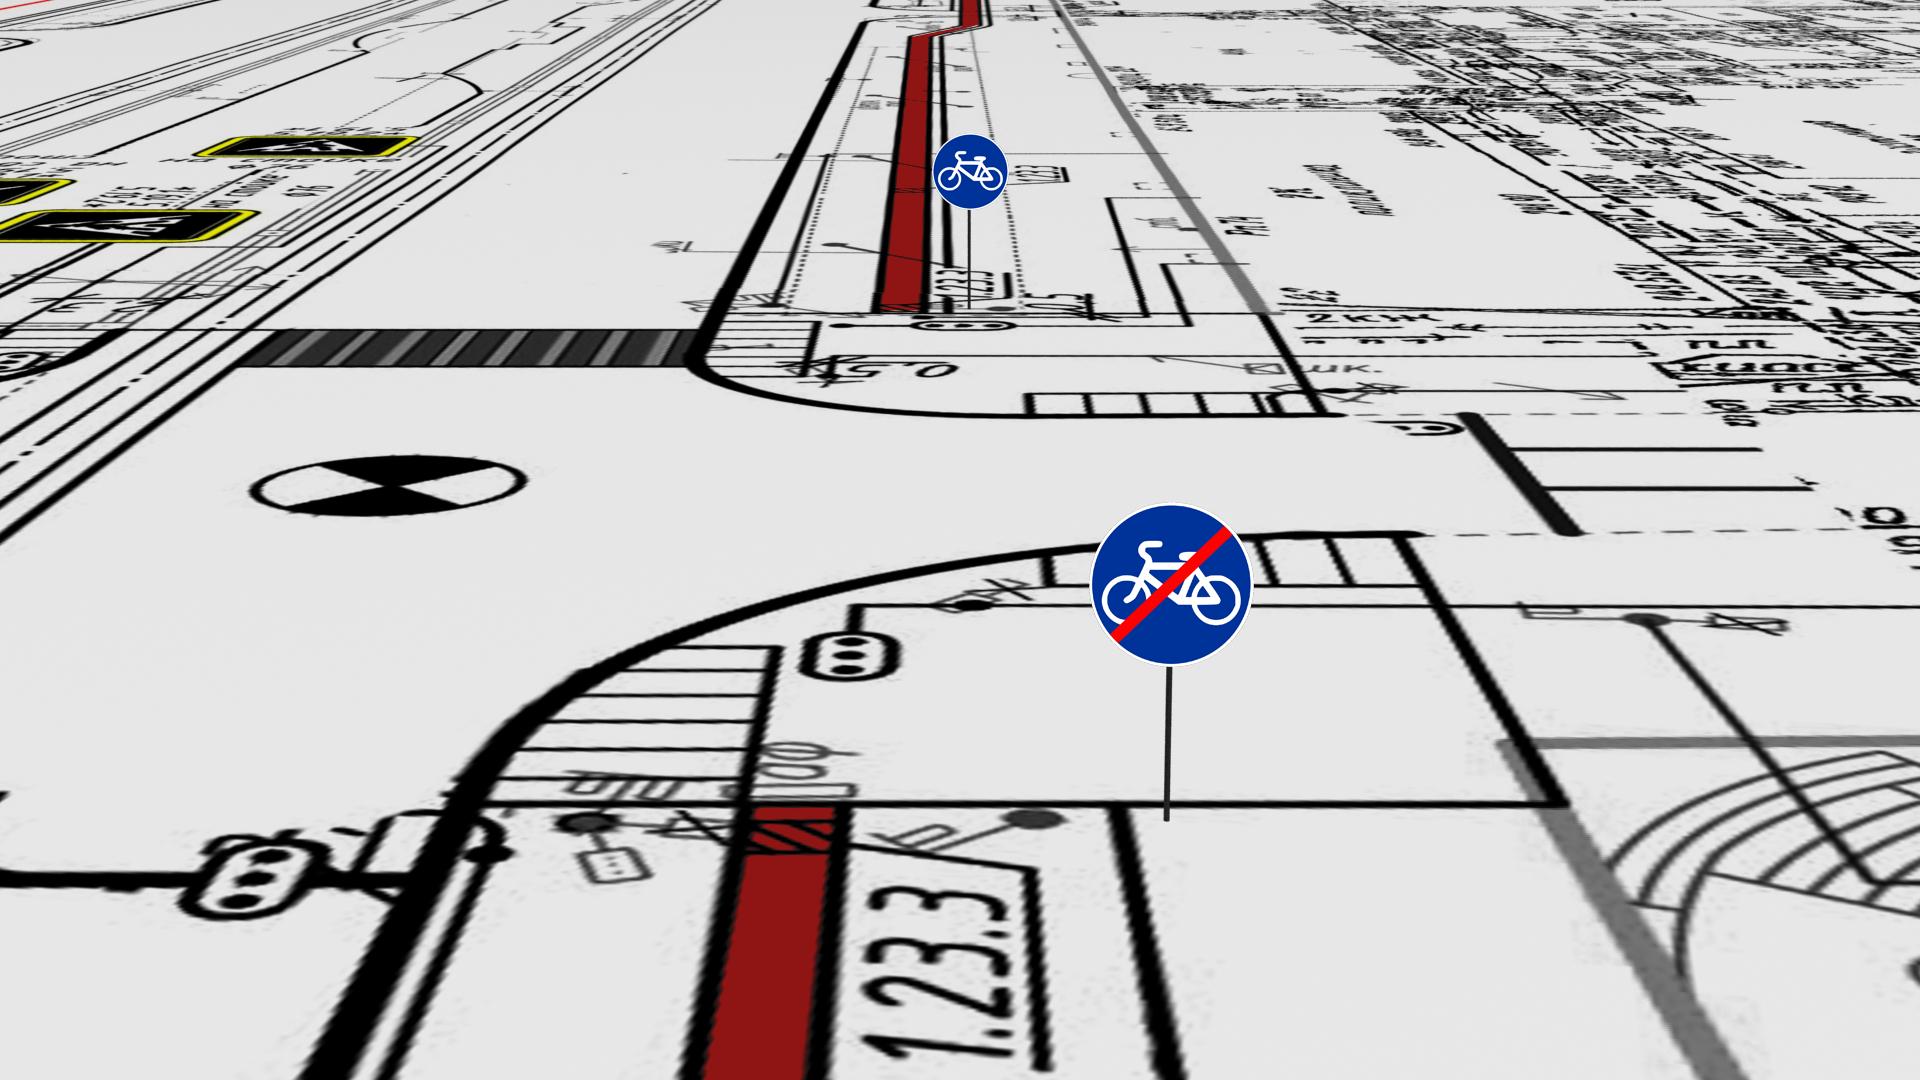 Велодорожки заканчиваются перед каждым перекрестком!